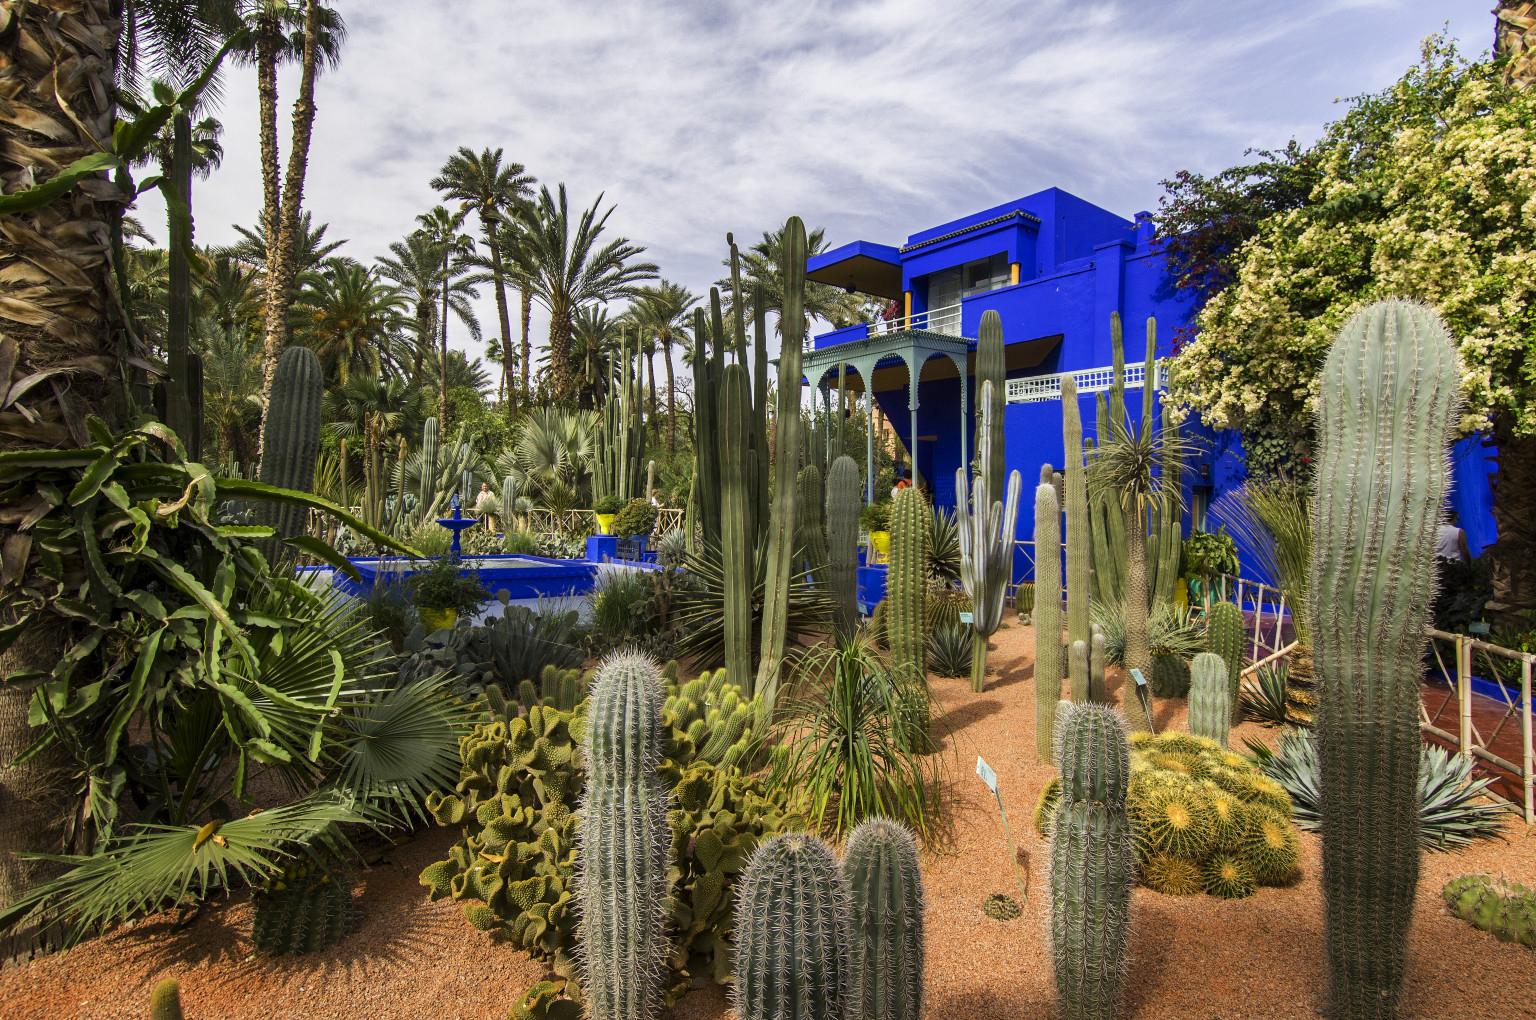 Jacques Majorelle Gardener Artist In Marrakech Life Work